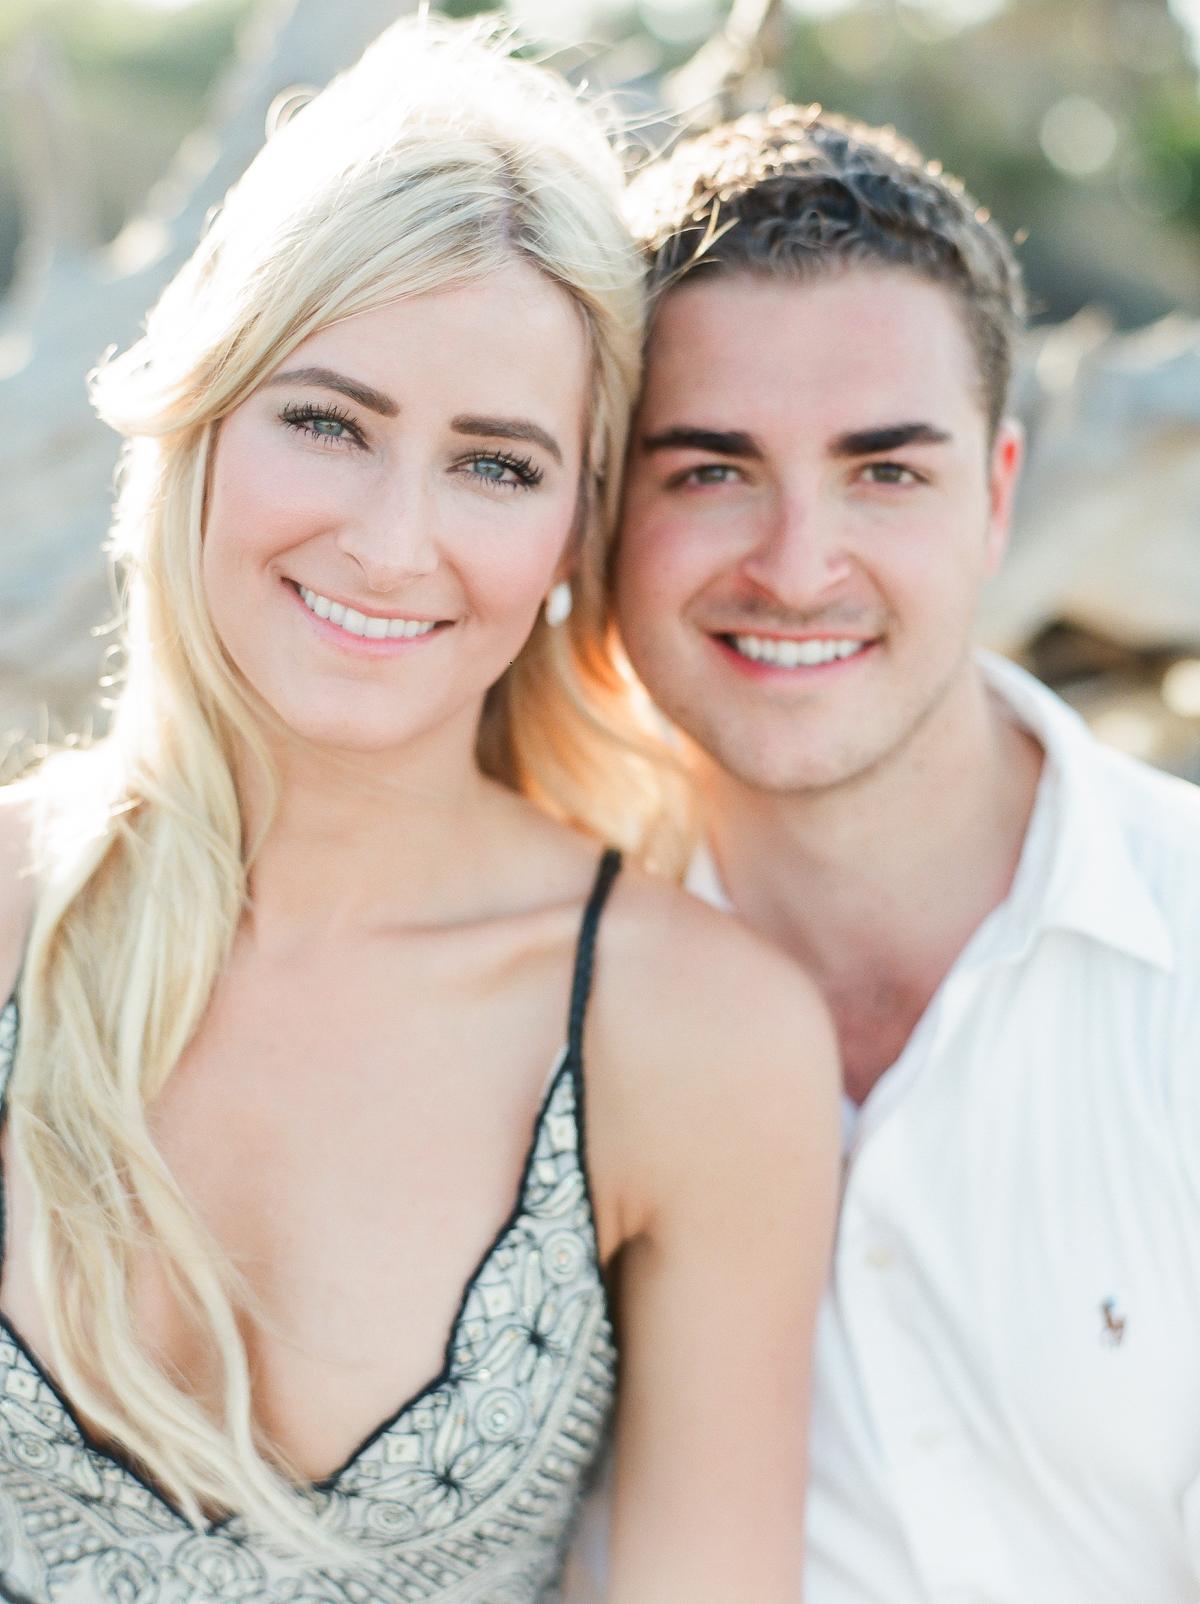 Allison&McKay_JenniferBlairPhotography-1204